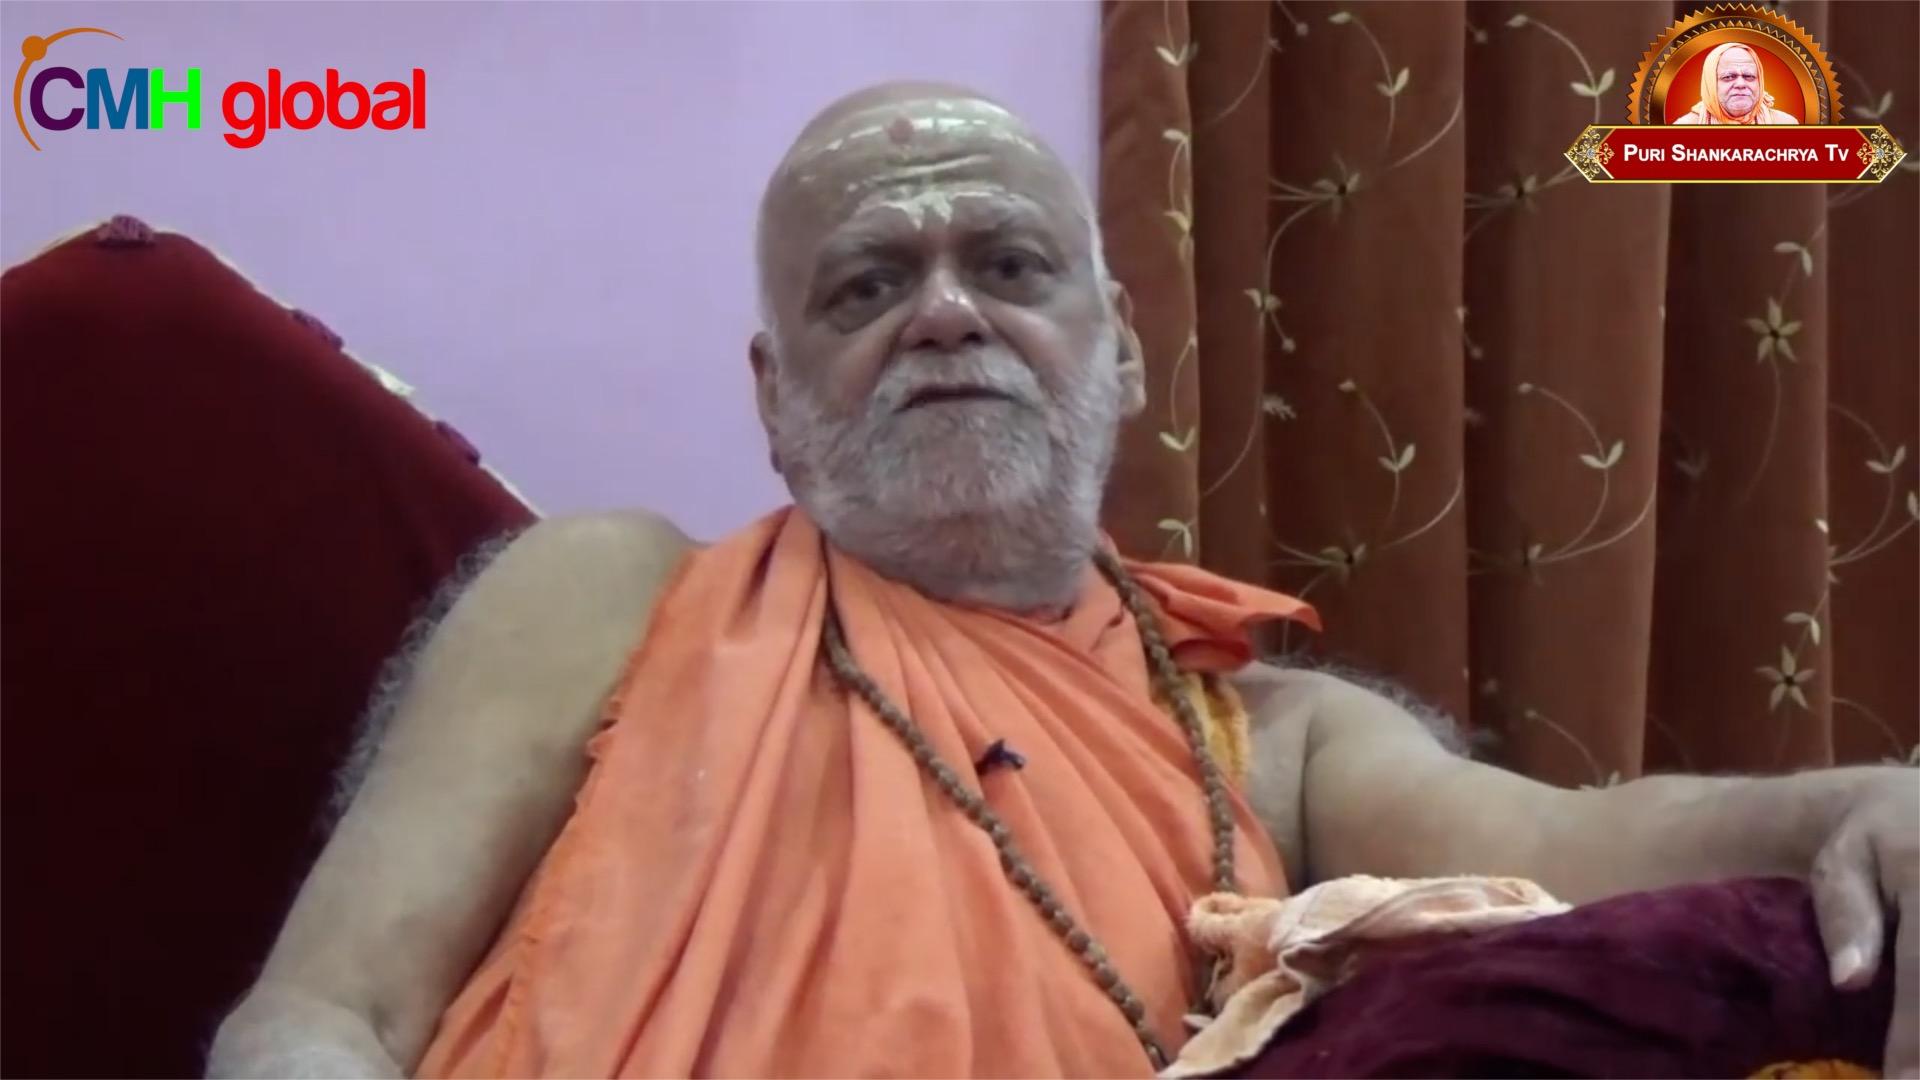 Gyan Dhara Ep -50 by Puri Shankaracharya Swami Nishchalananda Saraswati Ji